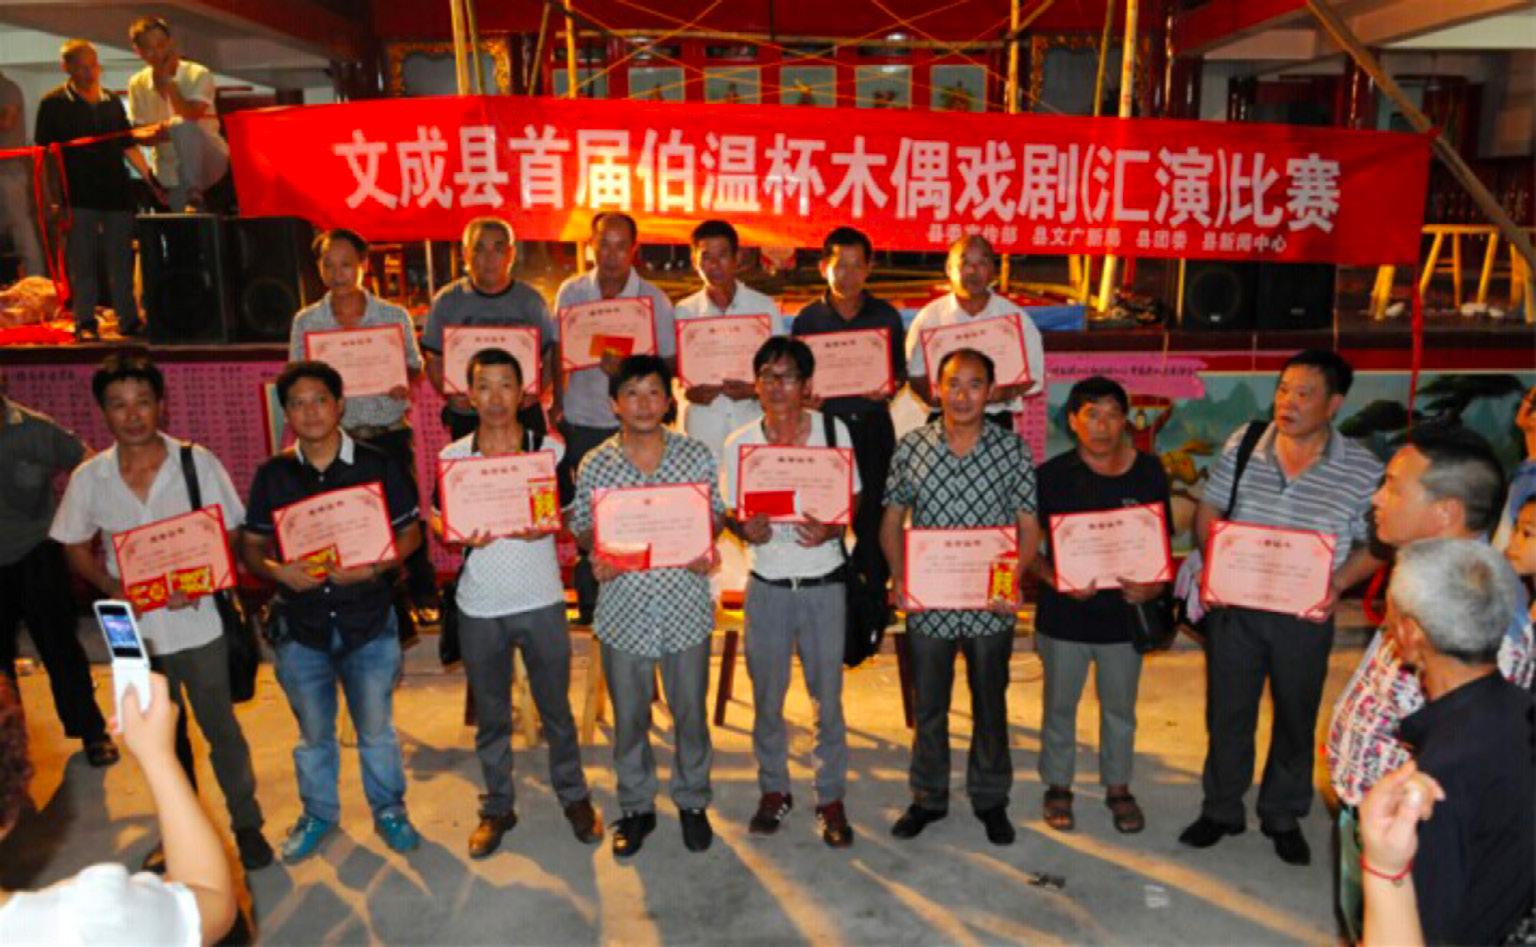 """FIGURA 2. Primo festival delle marionette di Wencheng, anno 2014. Il quinto da destra della prima fila è Huan Bingkuan, il marionettista della """"Compagnia di Marionette del Drago di Wencheng"""" (foto concessa da H. Bingkuan)."""